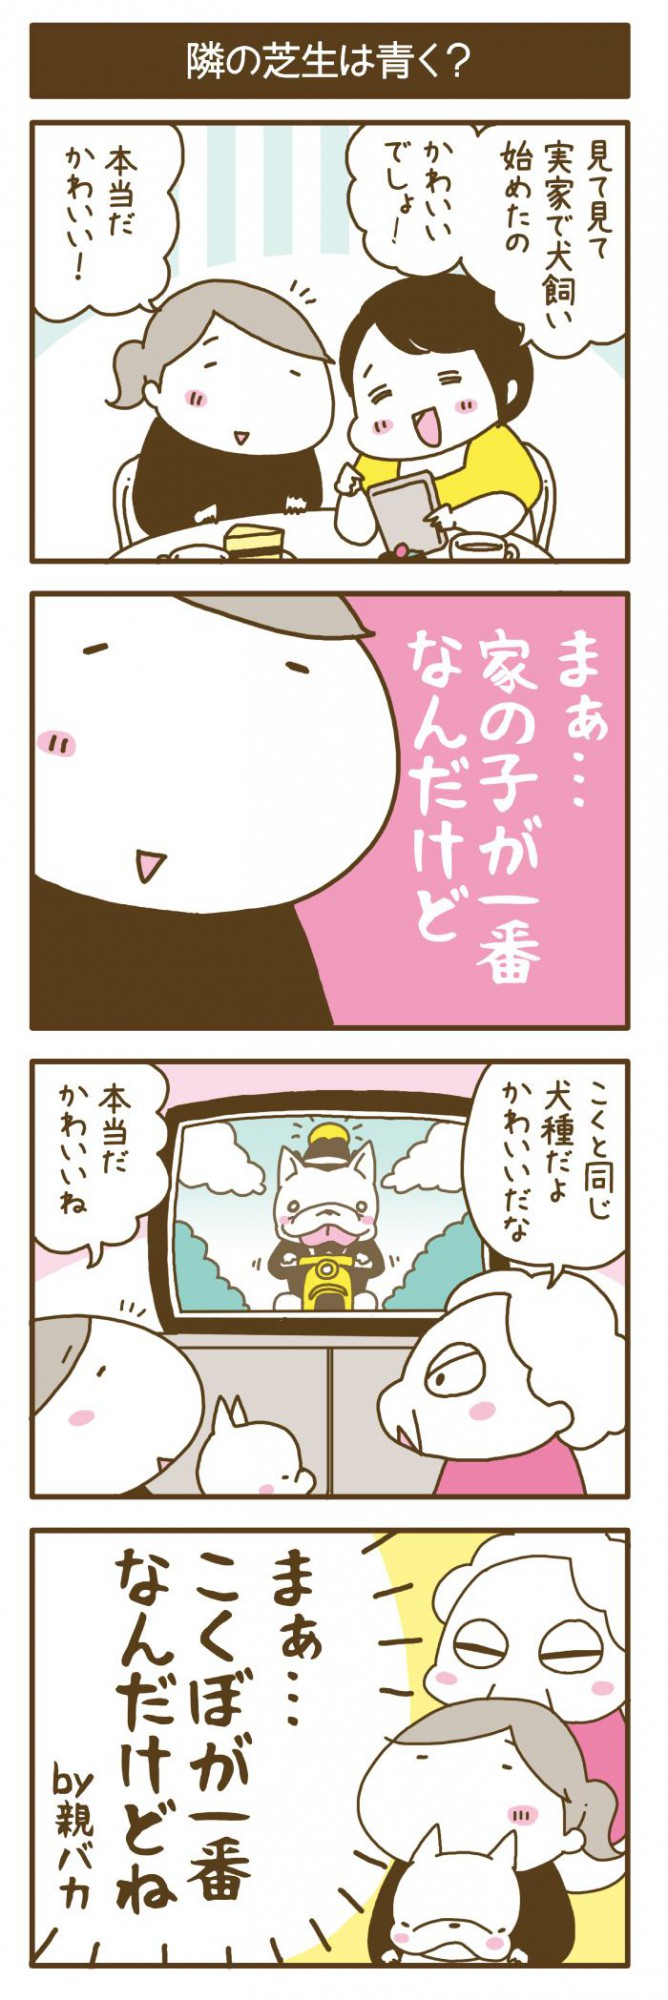 フレブルこくぼとゆかいな下僕たち【第58話】